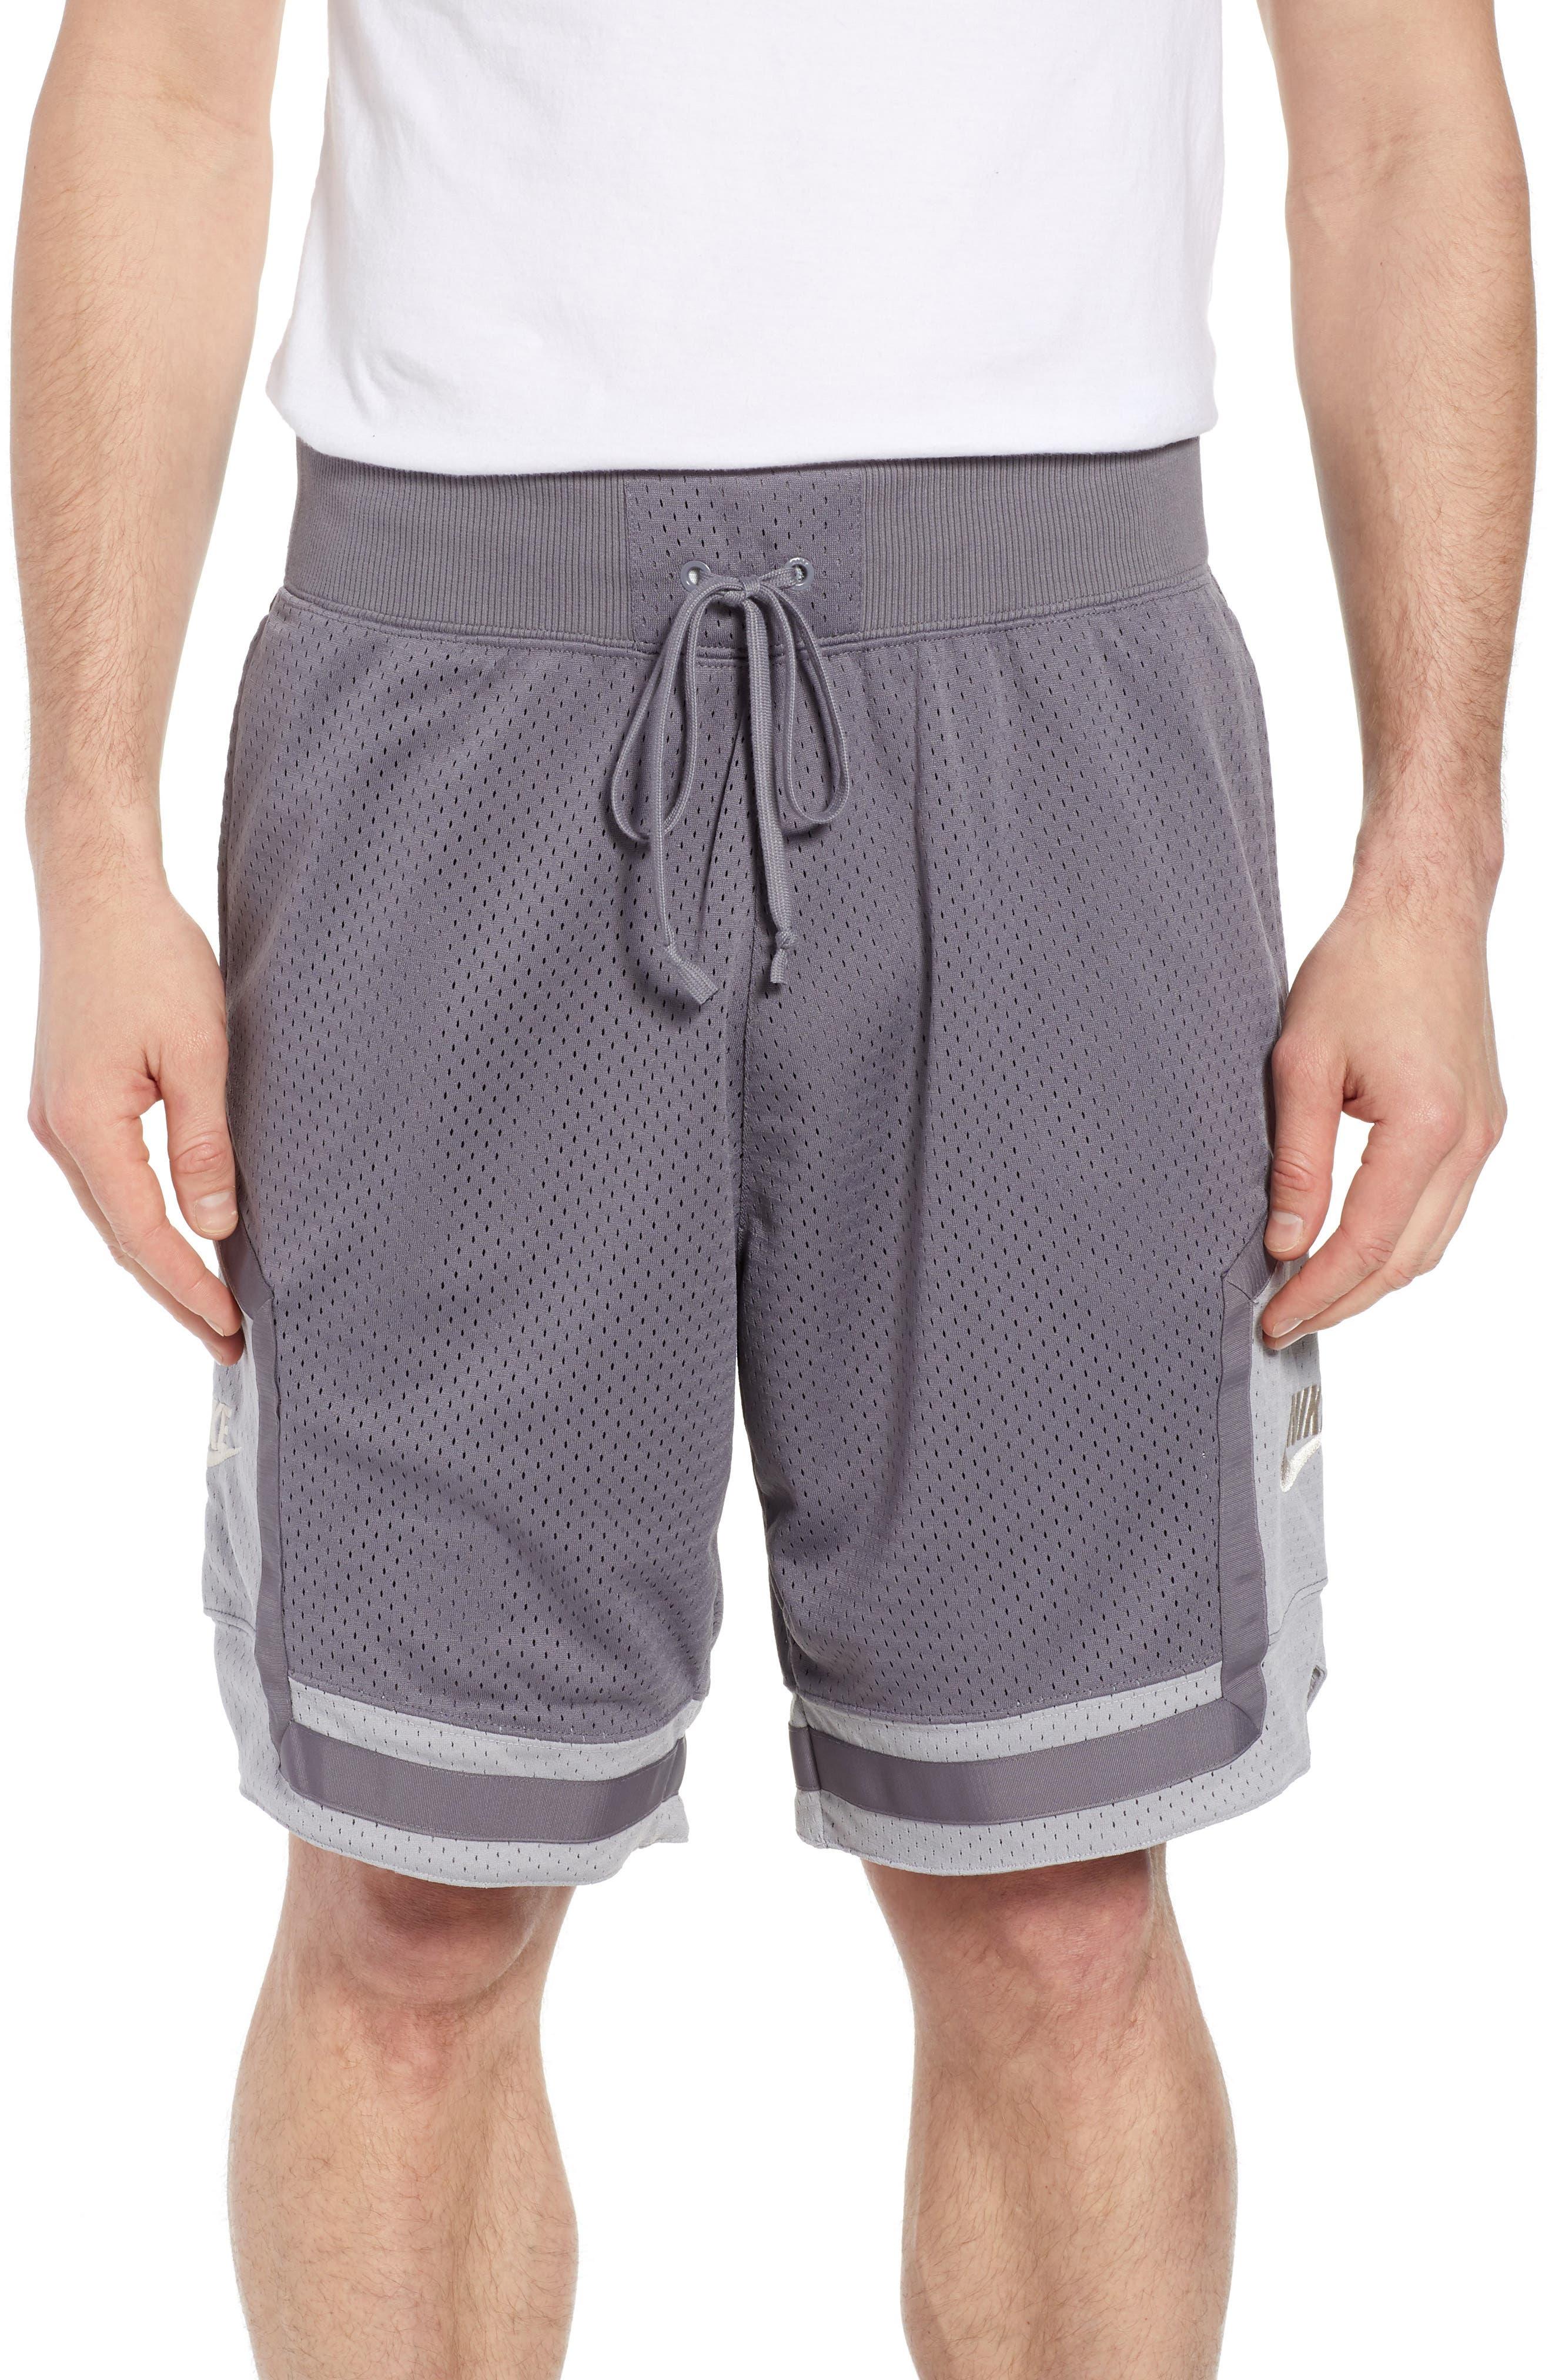 NSW AF1 Shorts,                             Main thumbnail 1, color,                             GUNSMOKE/ GREY/ OREWOOD